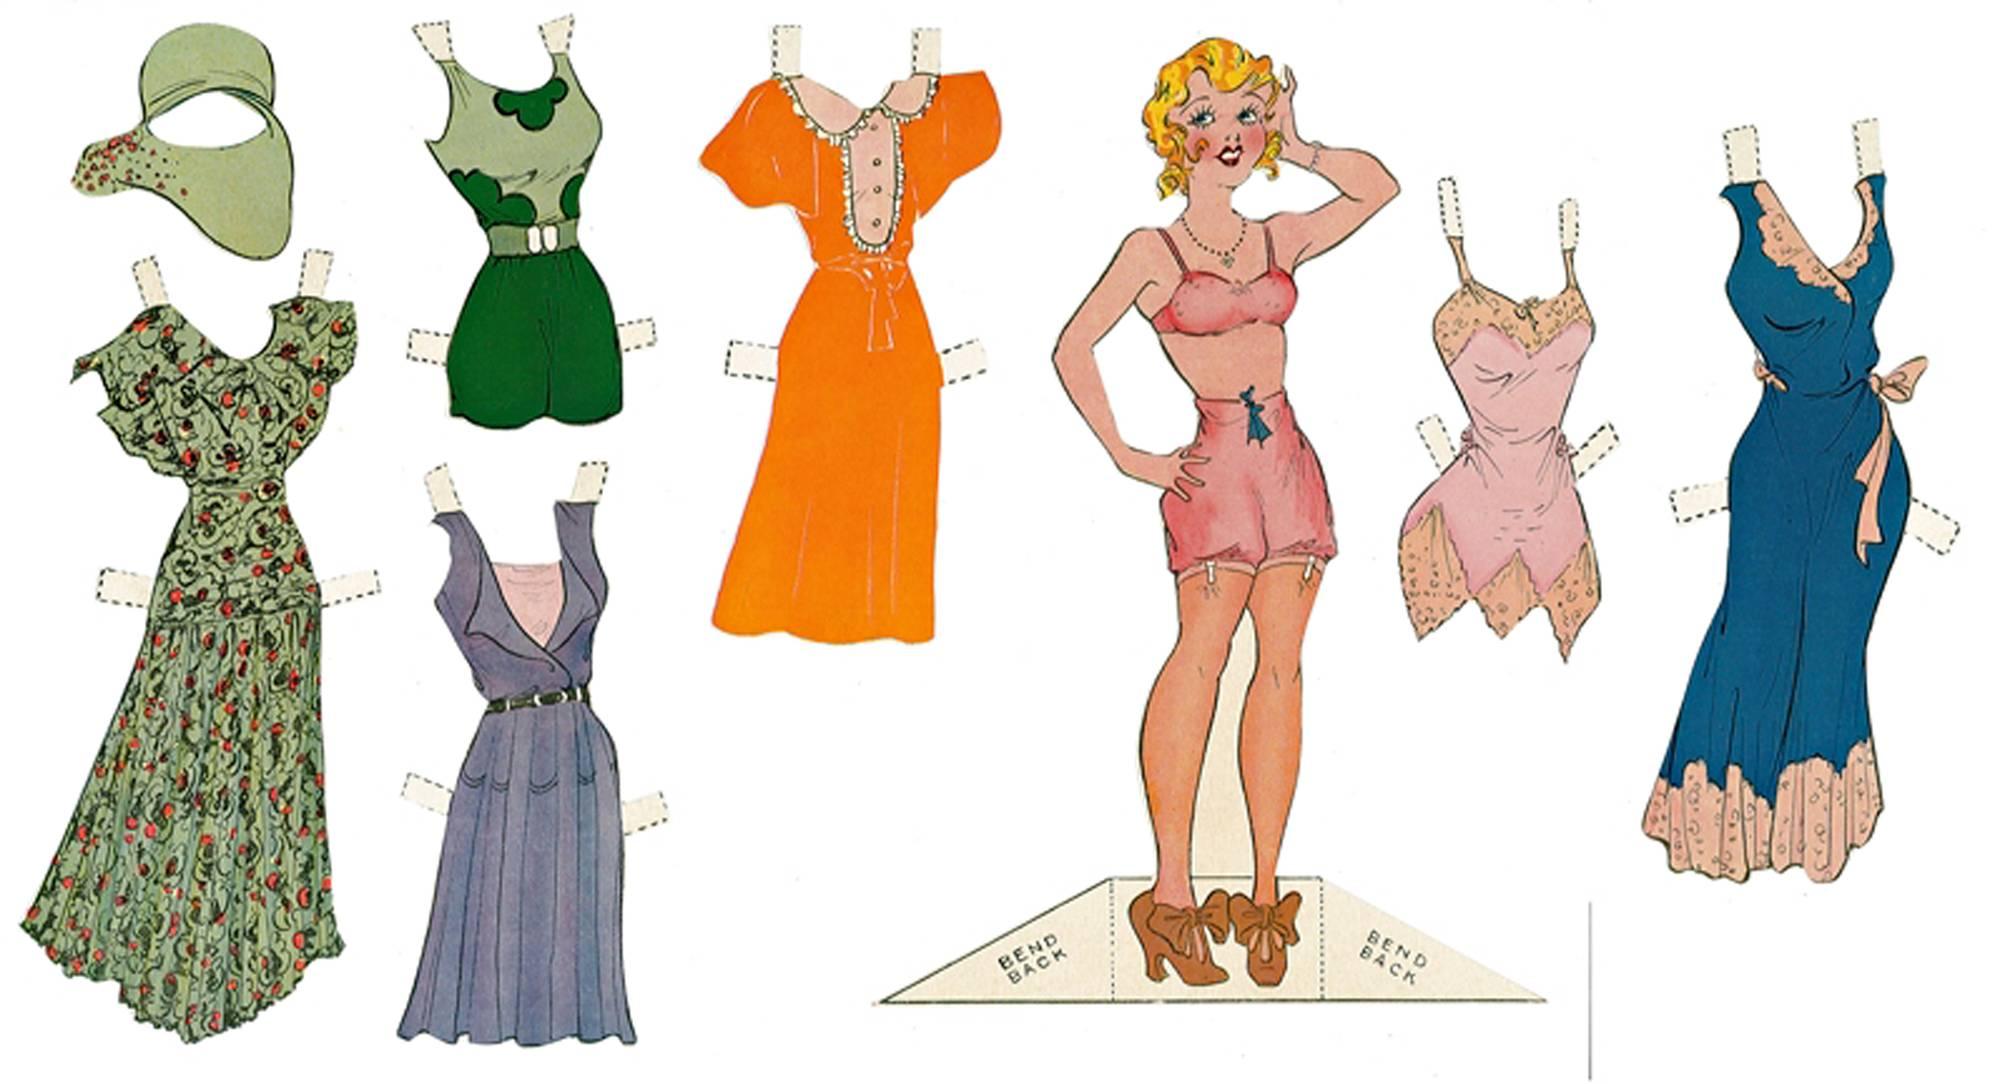 Sarjakuvan mainoskampanjassa vuonna 1930 käytettiin Blondien eli Helmin kaikki avut.